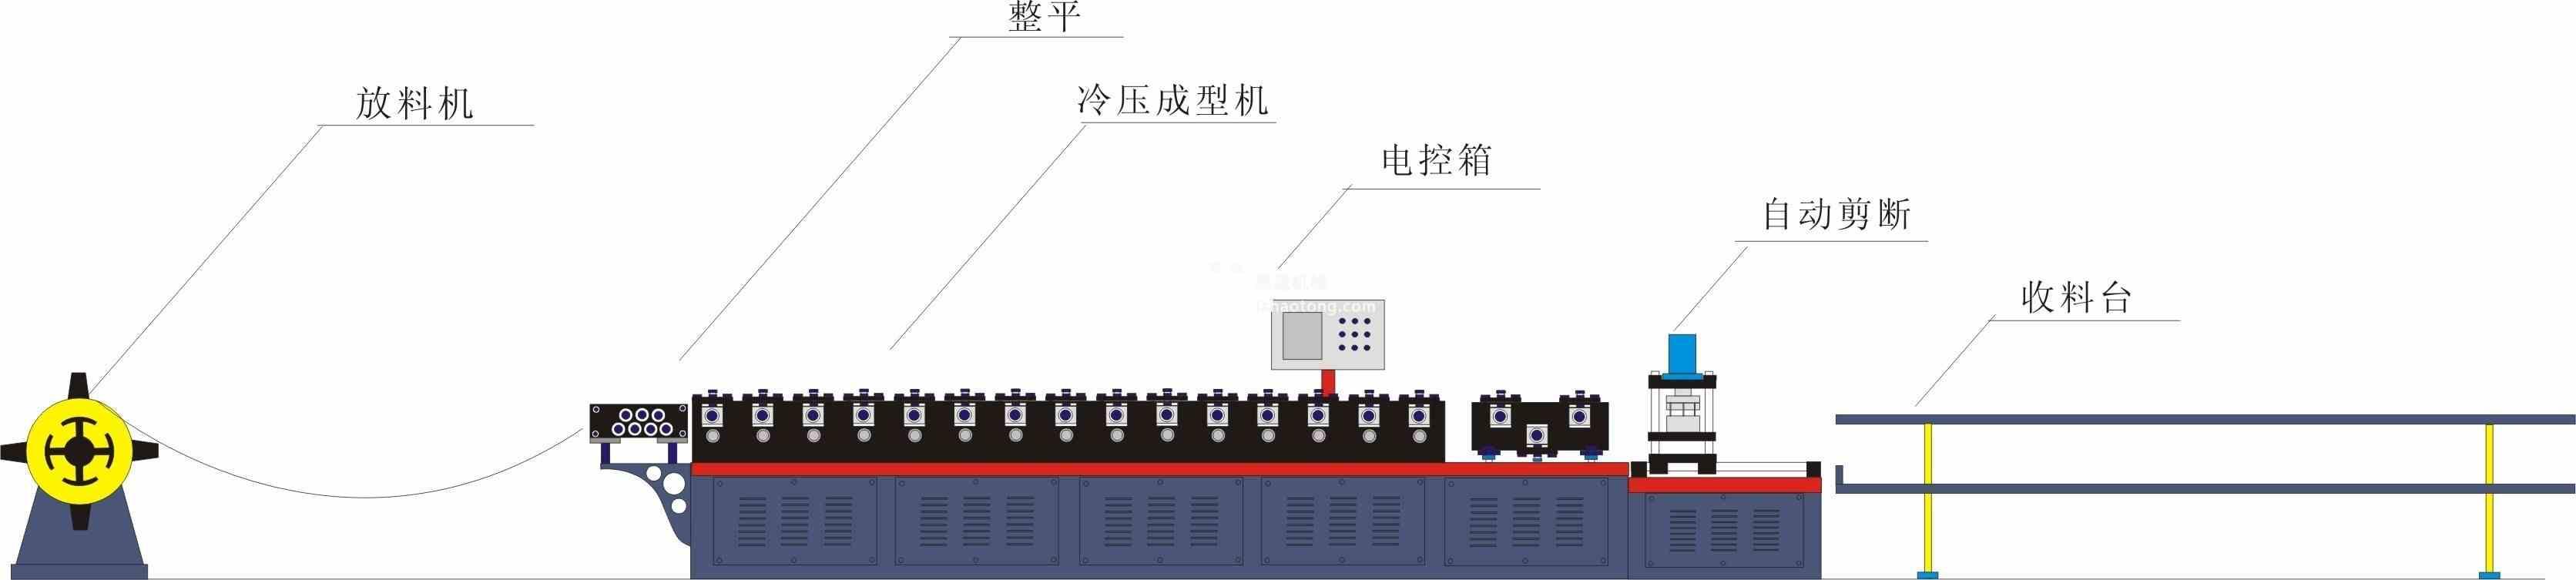 840彩钢瓦冷弯成型机生产工艺流程图